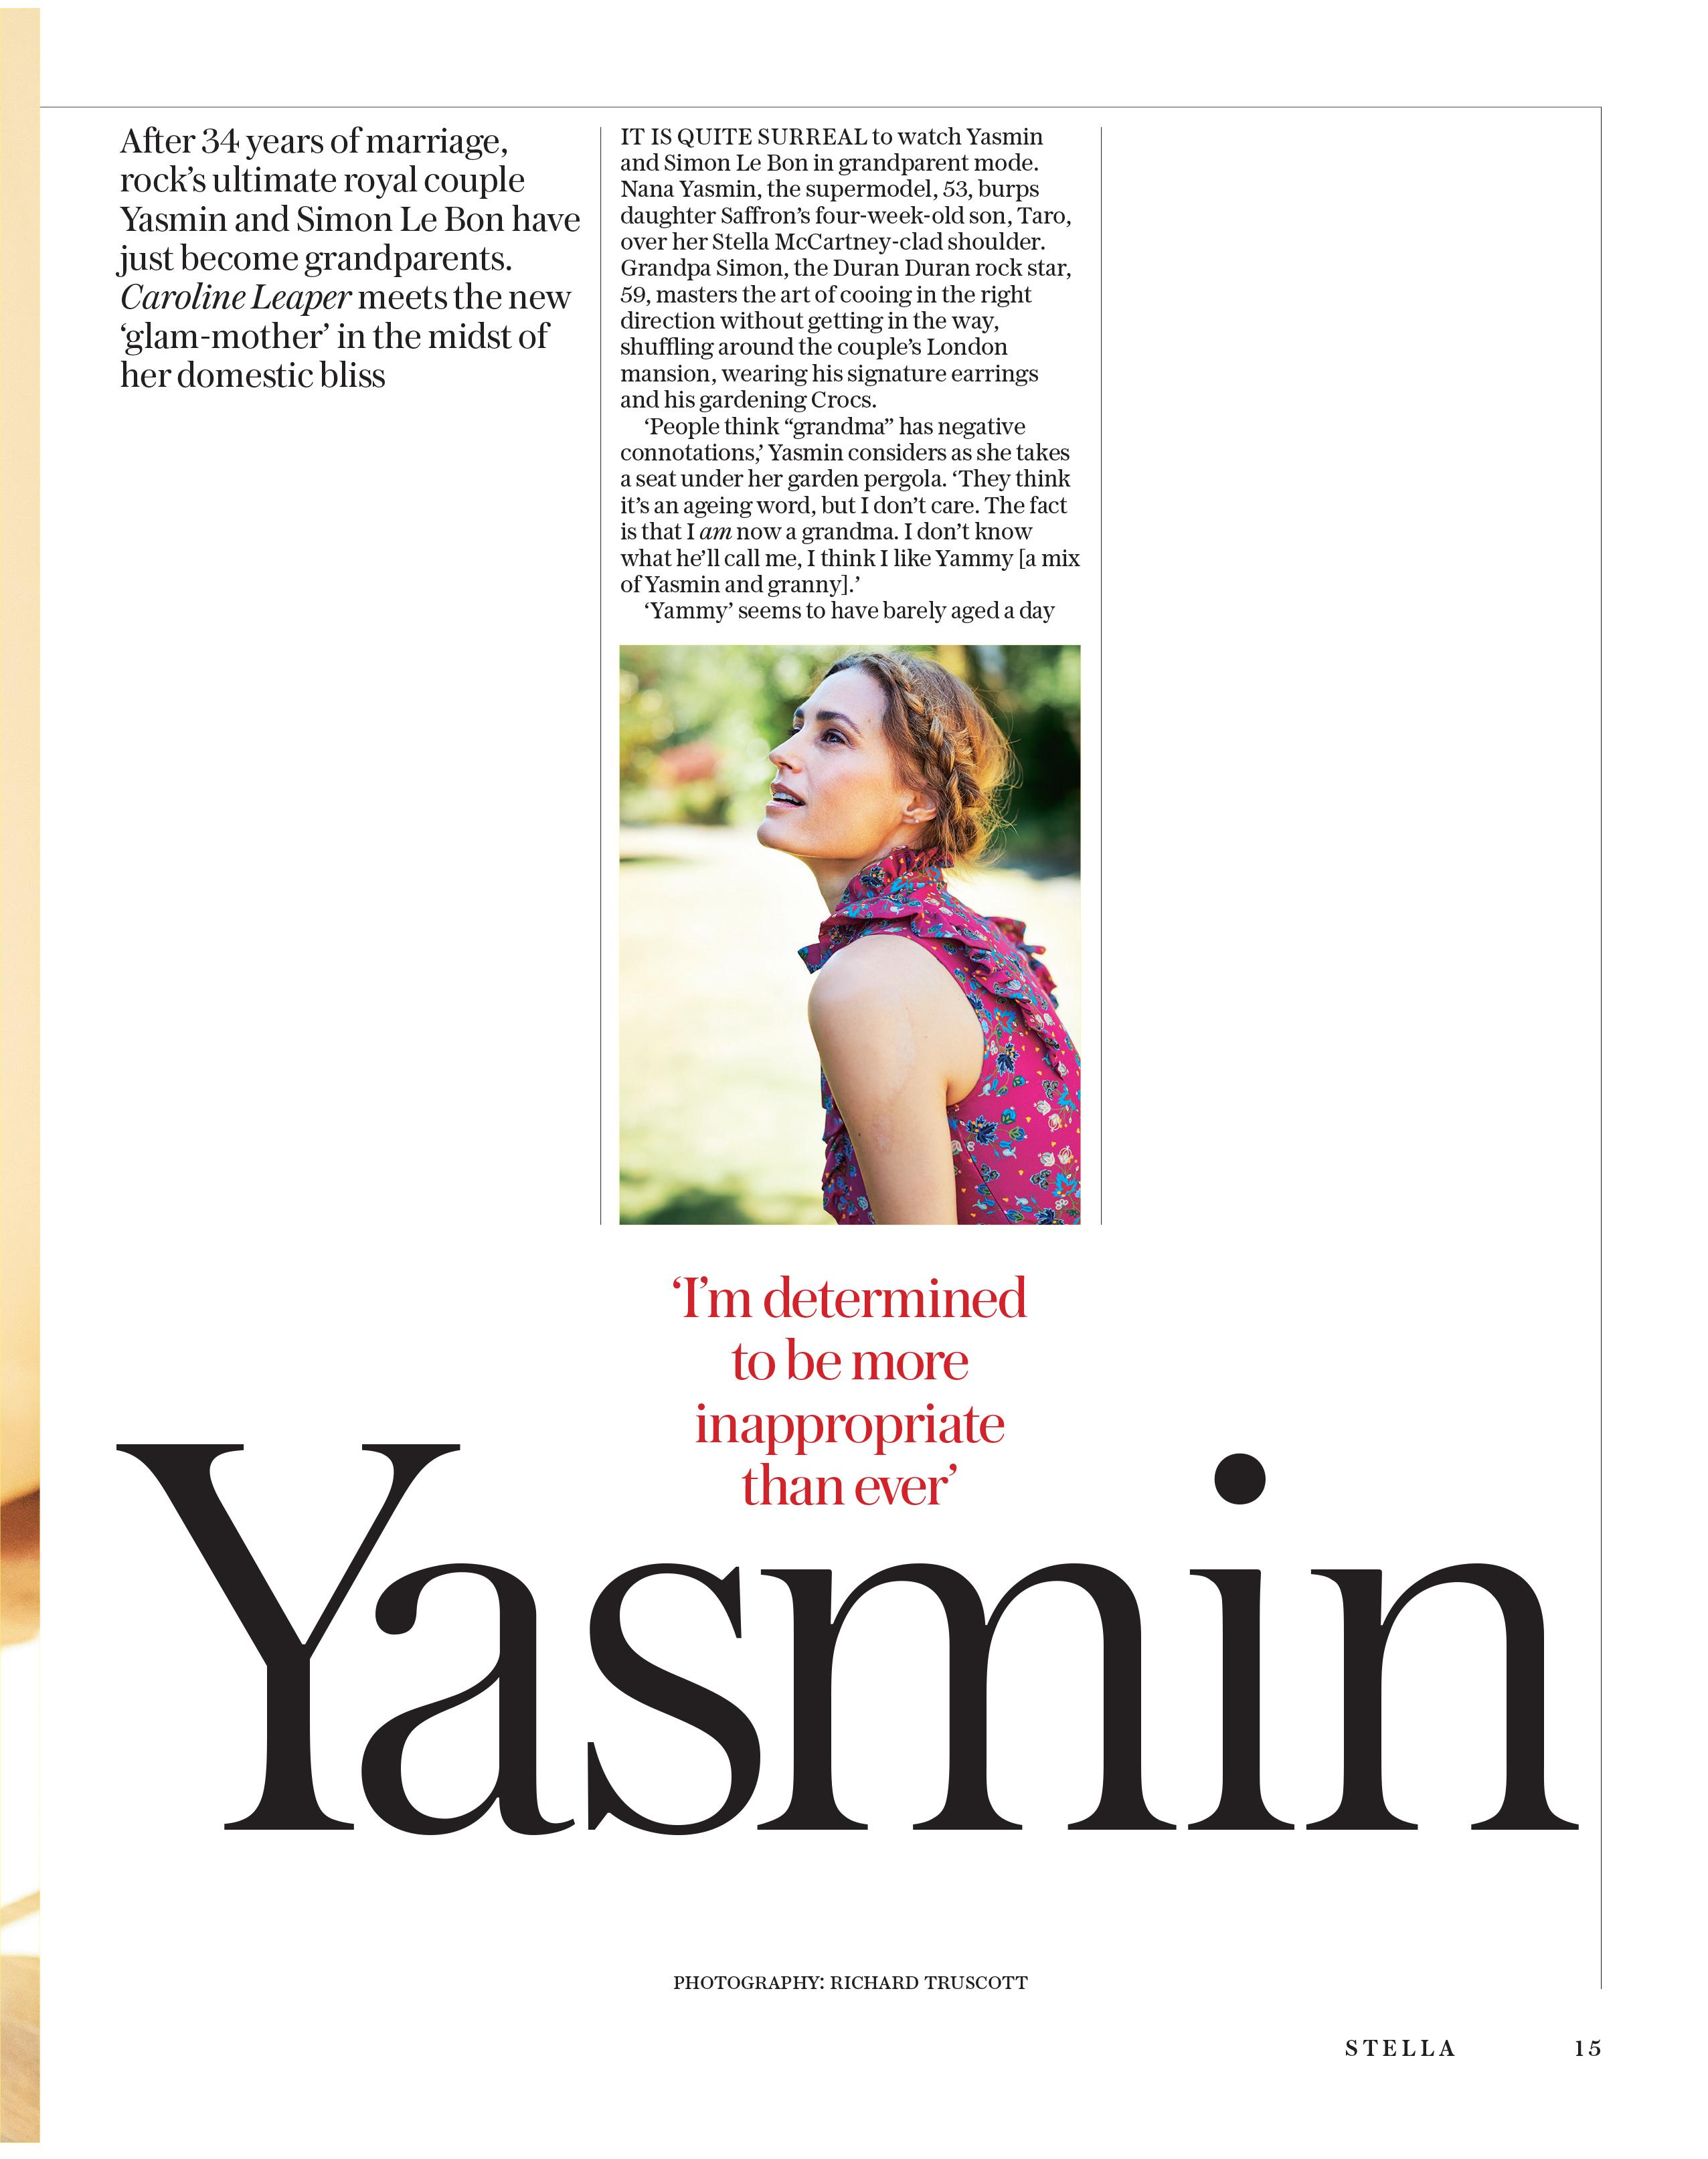 Yasmin Le Bon Sunday Telegraph Magazine_15-07-2018_Main_1st_p15